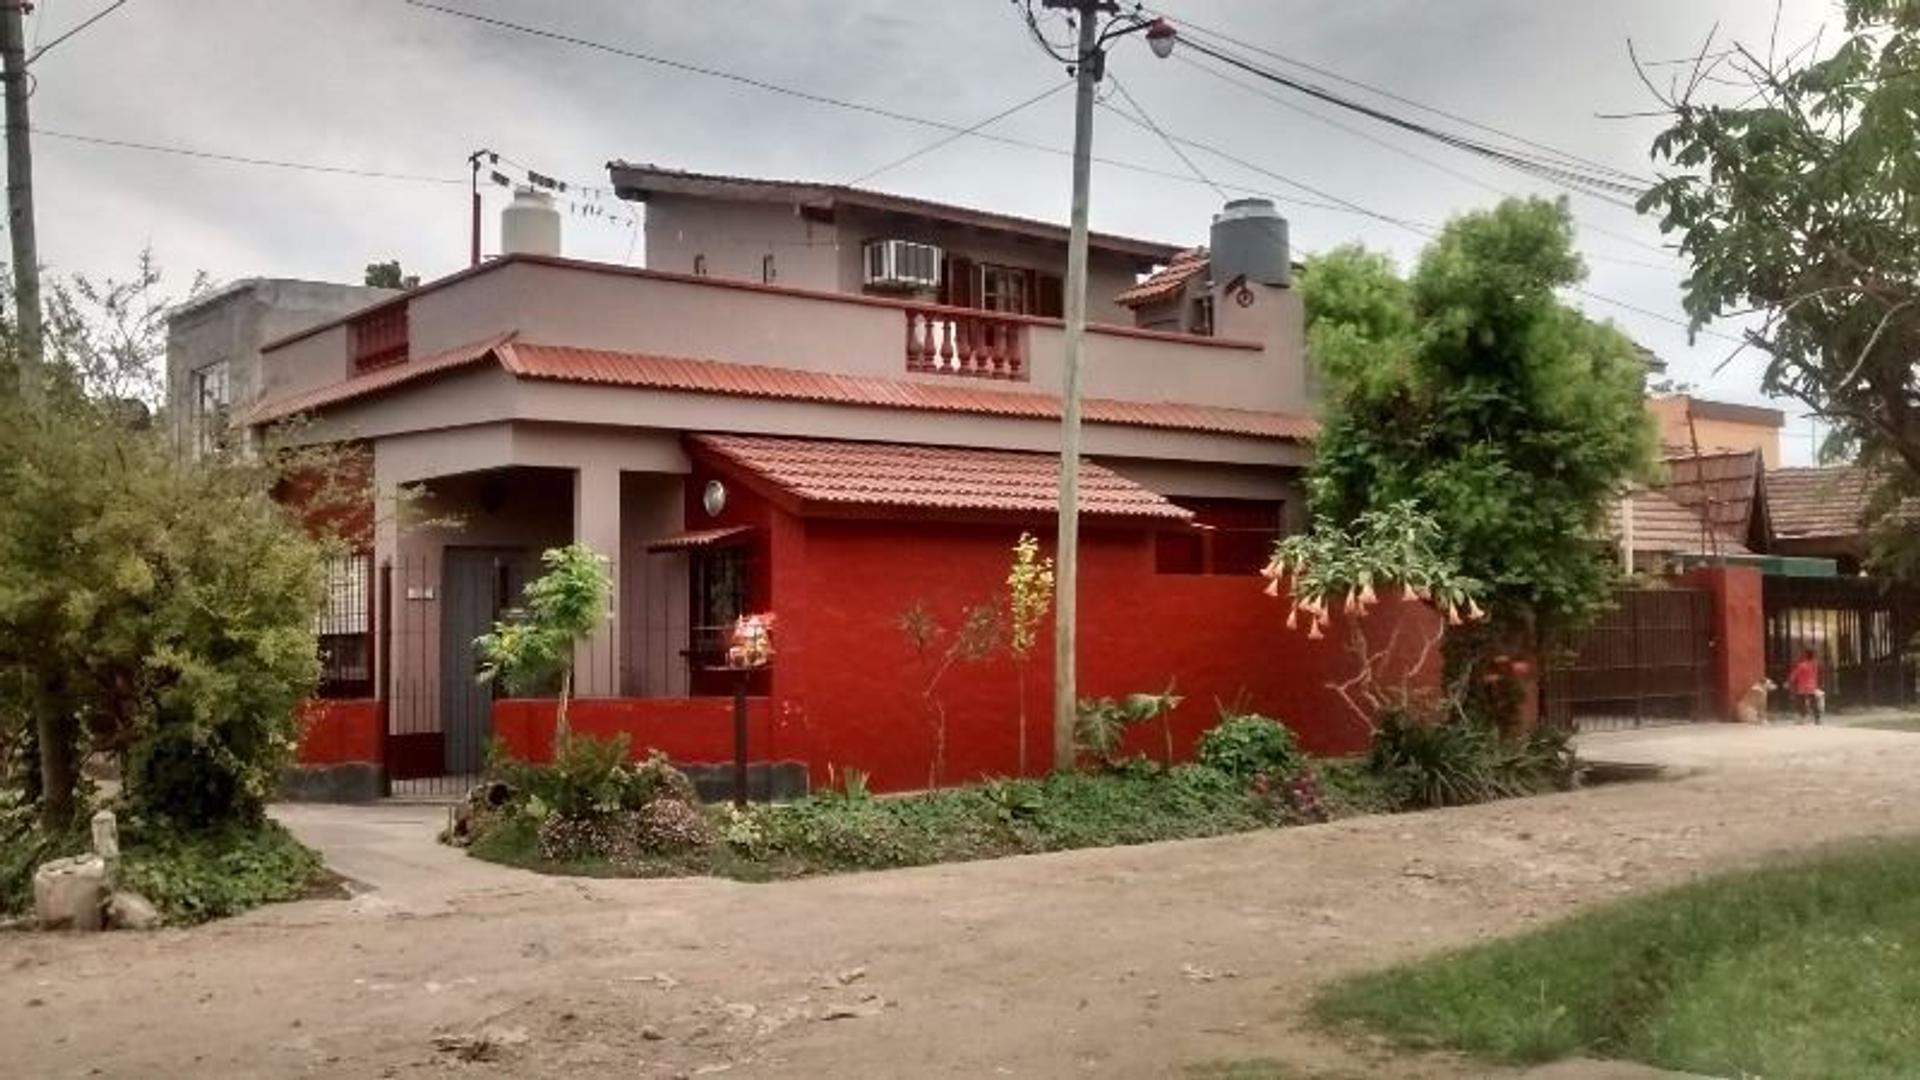 Casa tipo colonial 3 ambientes con garage. Apta Crédito. Merlo Norte. GBA